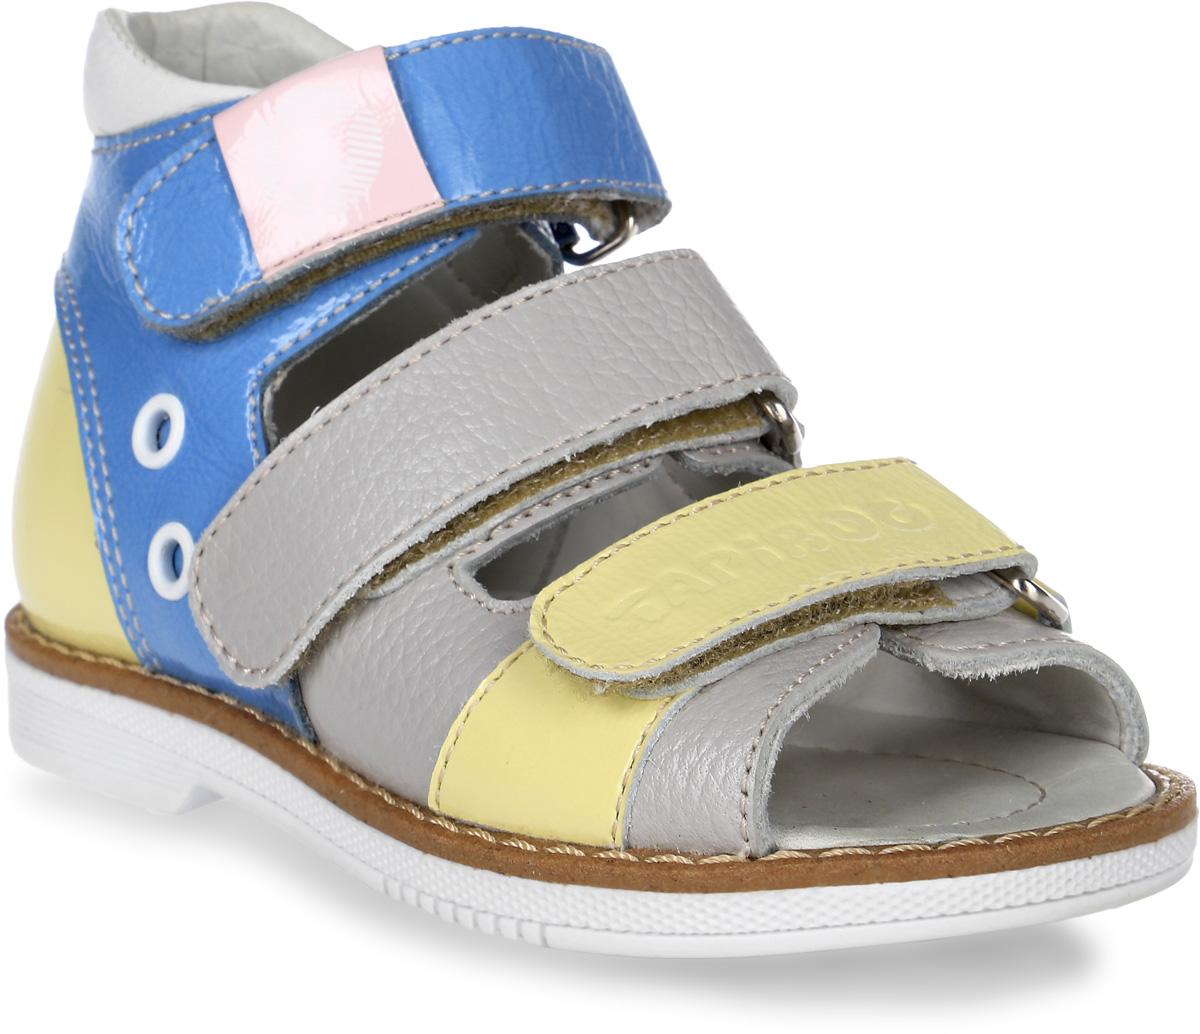 Сандалии детские TapiBoo, цвет: сладкая вата, серый, желтый, голубой. FT-26006.16-OL09O.01. Размер 27FT-26006.16-OL09O.01Стильные сандалии от TapiBoo придутся по душе вашему ребенку. Модель, выполненная из натуральной кожи, оформлена прострочкой вдоль ранта, фирменной нашивкой и фирменным тиснением. Внутренняя поверхность из натуральной кожи гарантирует комфорт при движении. Анатомическая стелька из натуральной кожи с супинатором обеспечивает правильное формирование стопы. Жесткий фиксирующий задник с удлиненным крылом надежно стабилизирует голеностопный сустав во время ходьбы. Застегивается модель на три ремешка с липучками. Упругая подошва, имеющая перекат, позволяет повторять естественное движение стопы при ходьбе для правильного распределения нагрузки на опорно-двигательный аппарат ребенка. Ортопедический каблук Томаса укрепляет подошву под средней частью стопы и препятствует ее заваливанию внутрь. Рельефный рисунок подошвы обеспечивает сцепление с любыми поверхностями. Такие сандалии станут незаменимыми в гардеробе вашего ребенка.